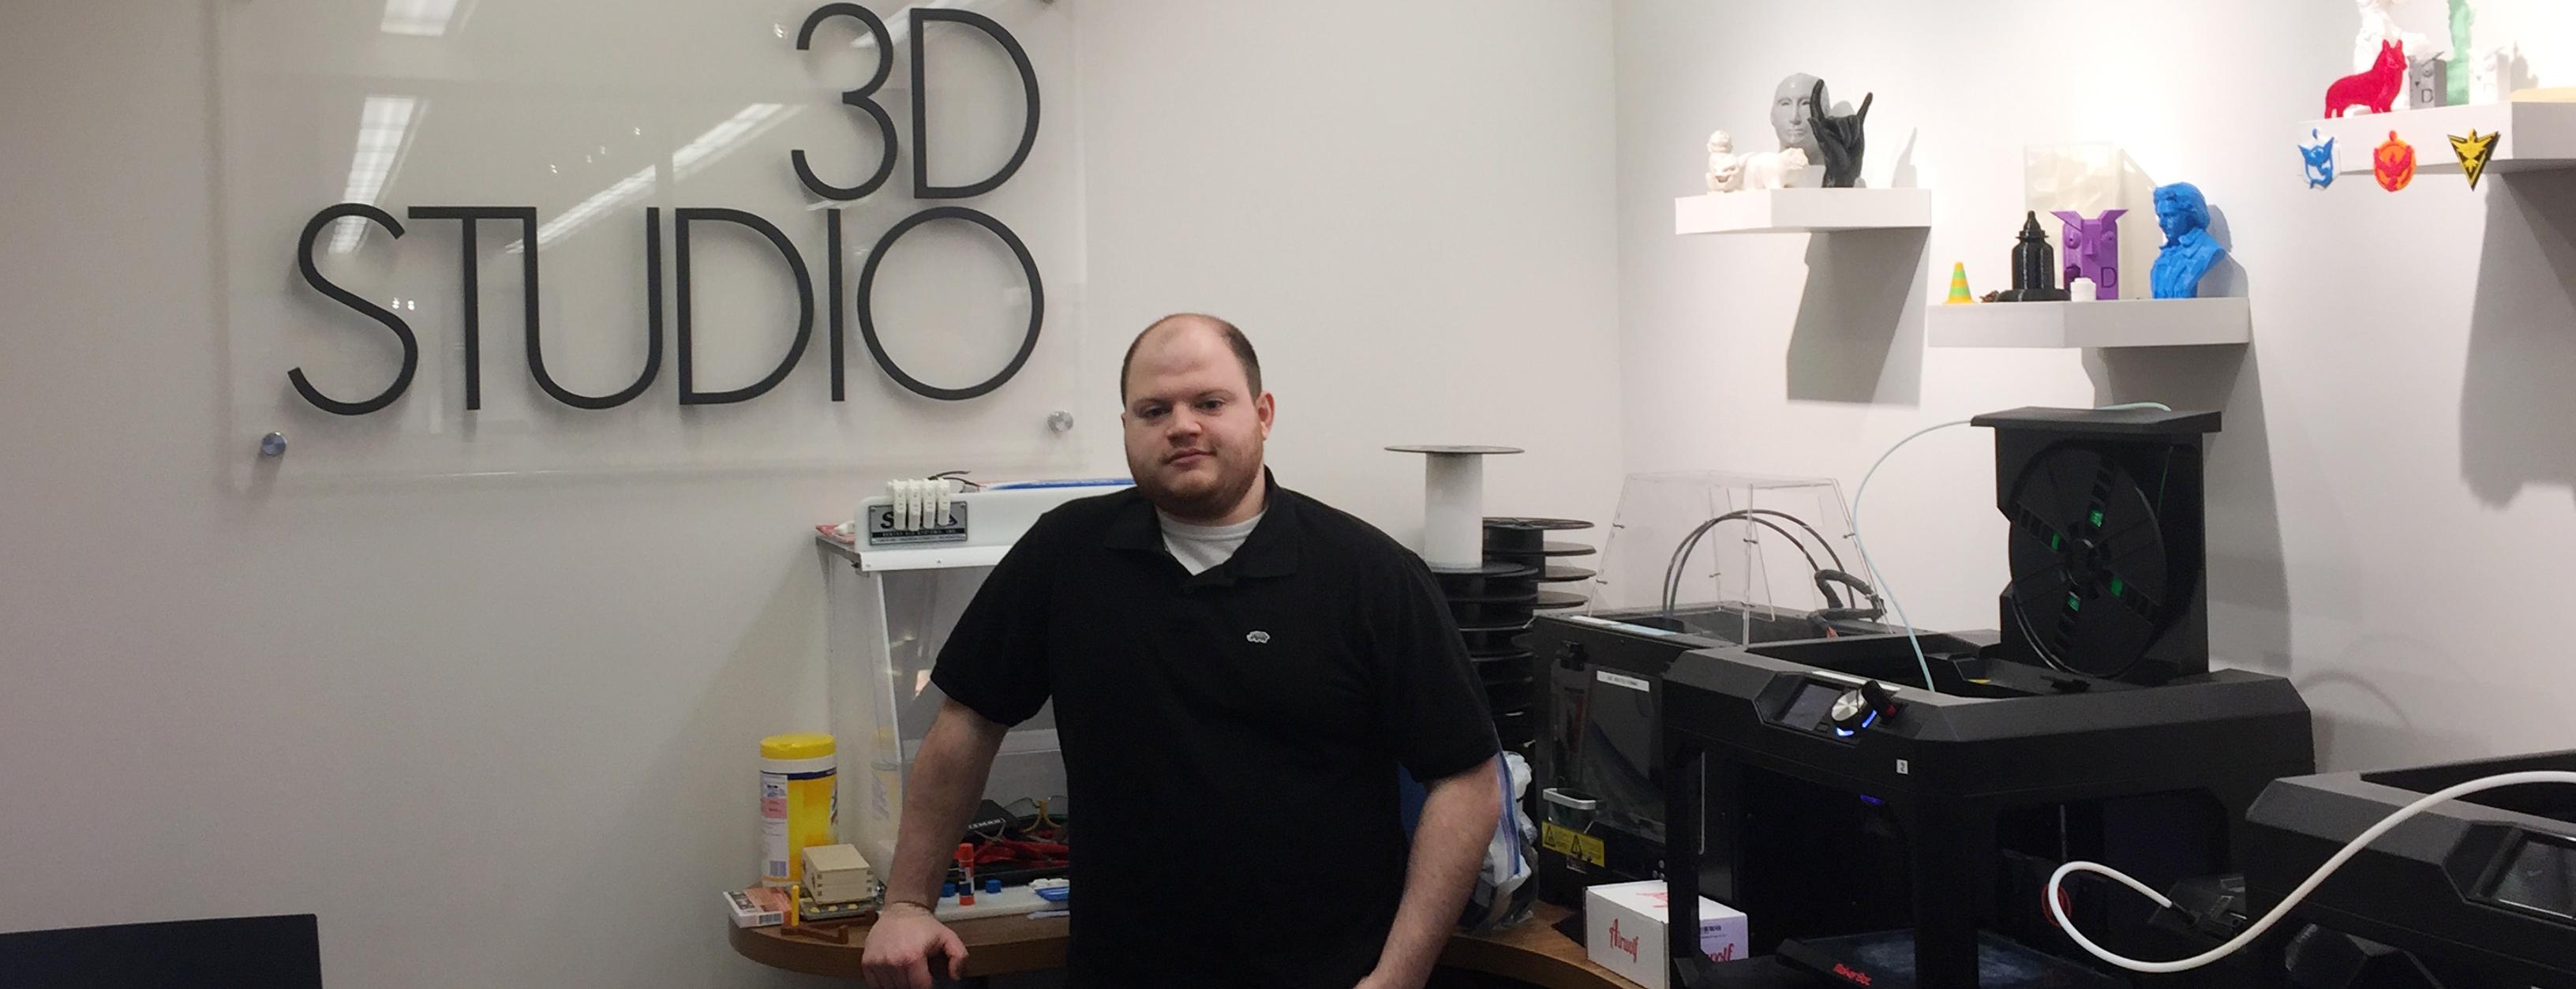 Giuseppe Prisco 3D Studio